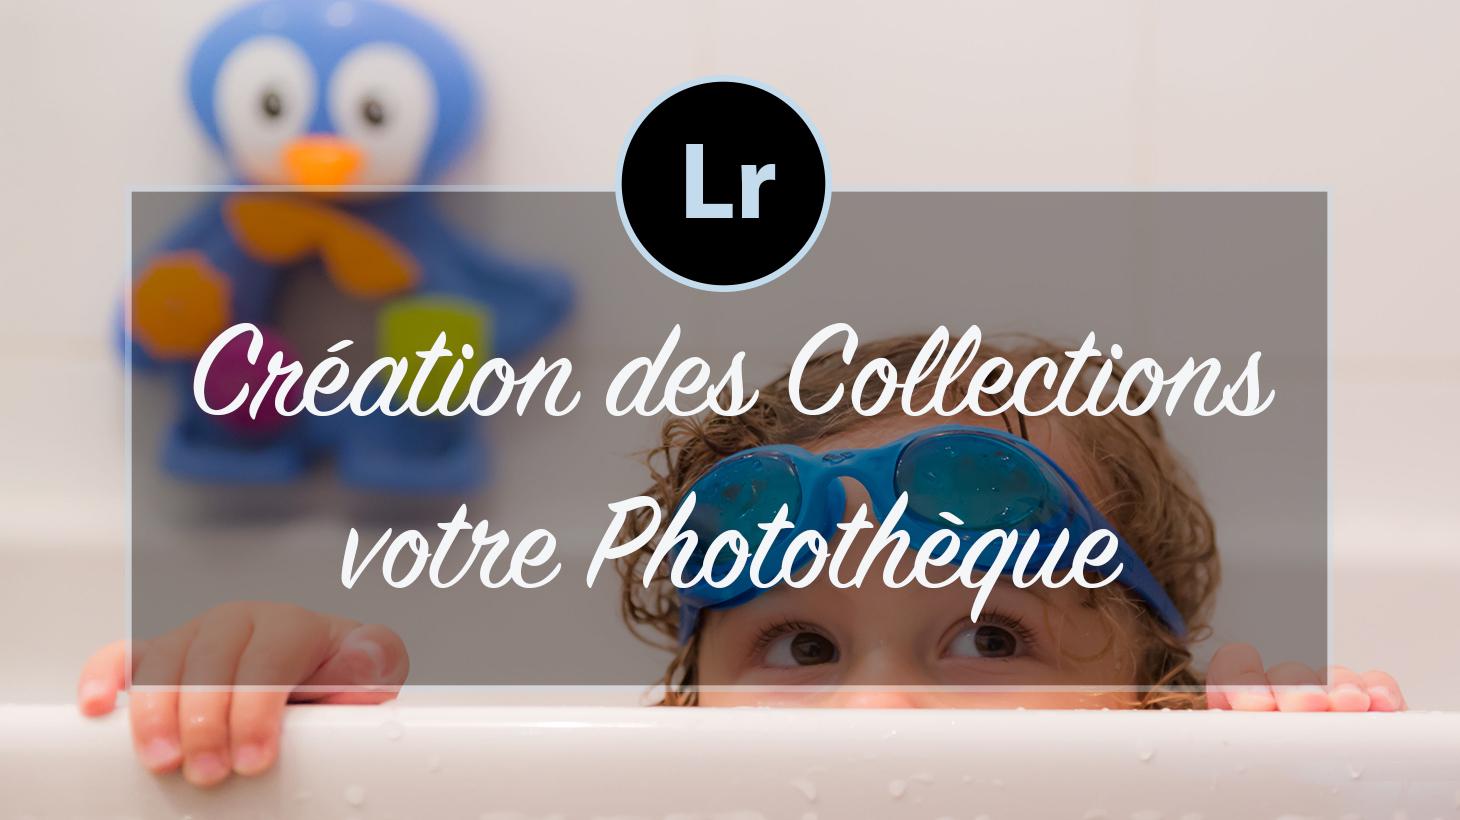 [VIDEO] – Utilisation des Collections pour gérer sa Photothèque